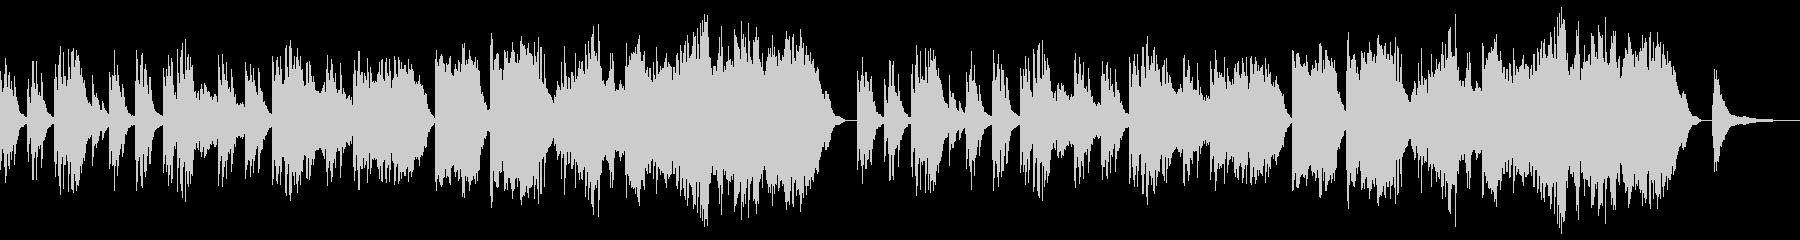 切ない系のBGMの未再生の波形